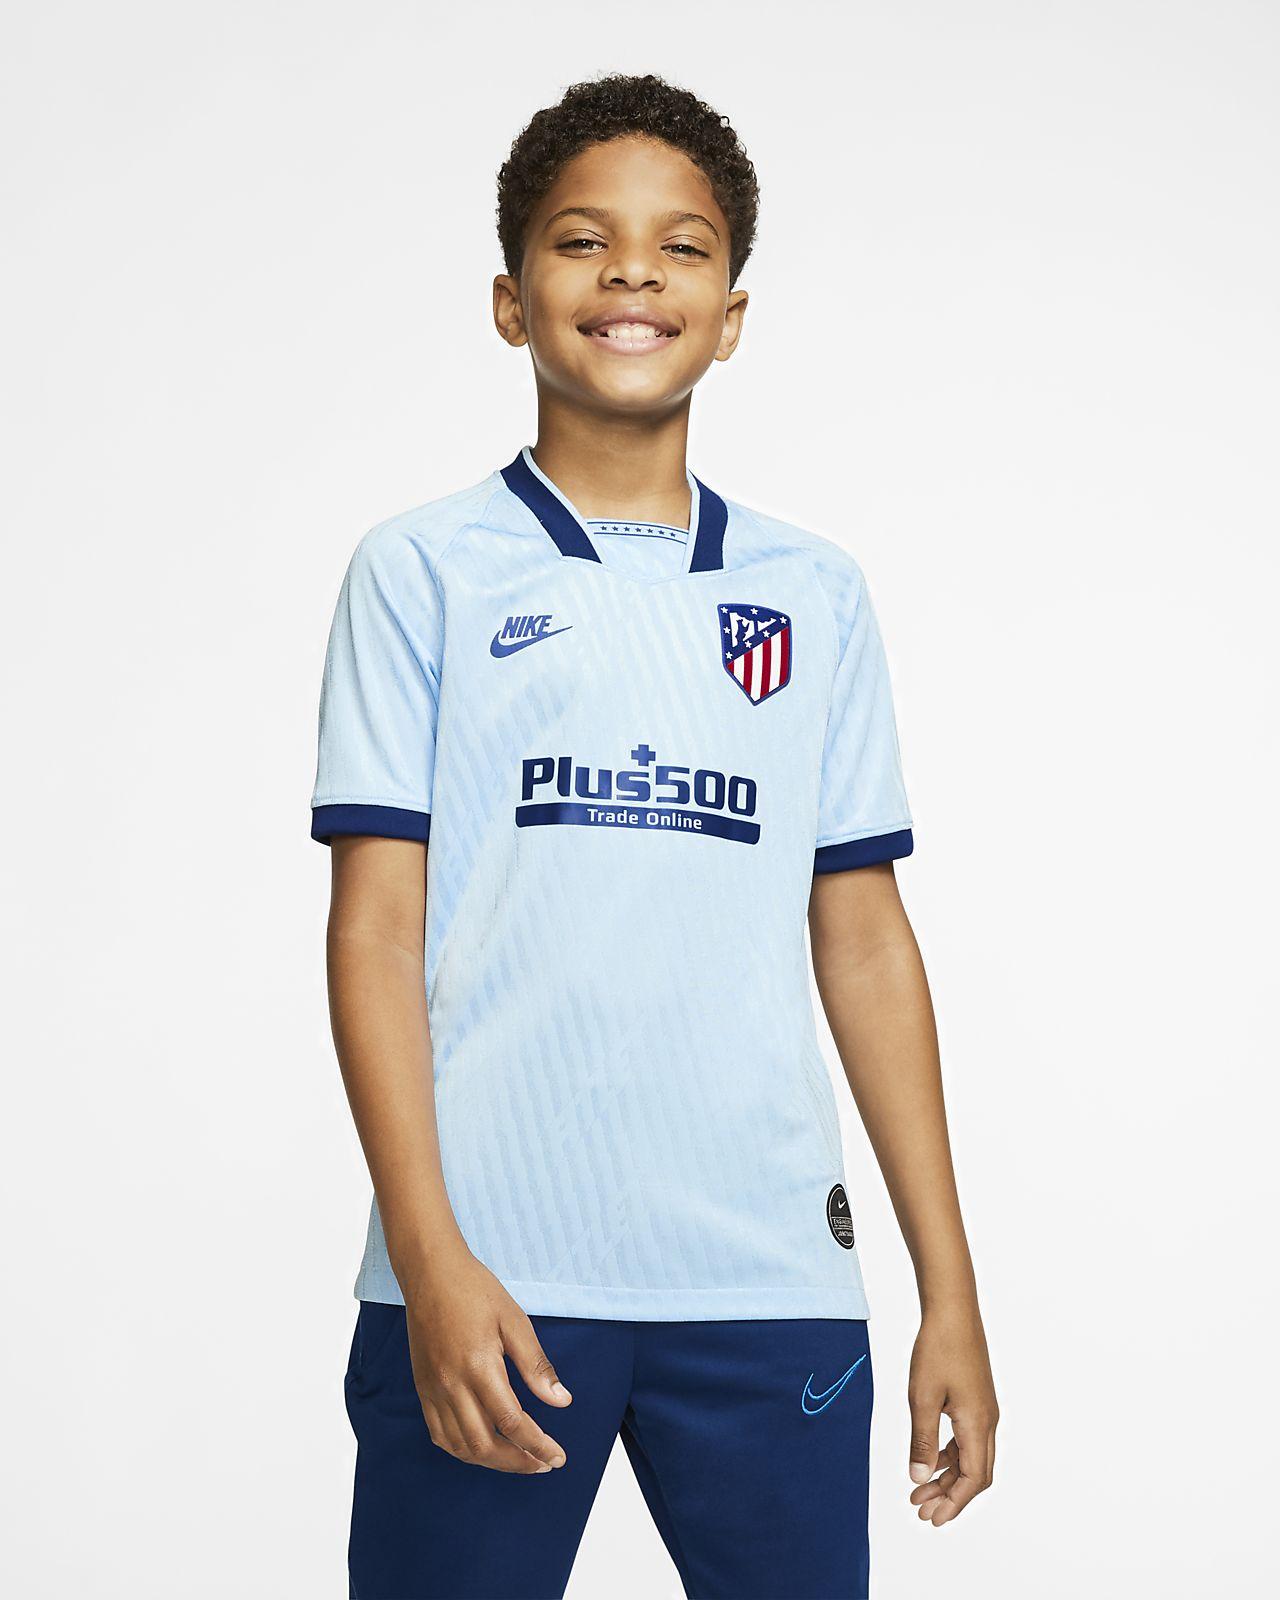 Camiseta de fútbol para niños talla grande Atletico de Madrid alternativa para aficionados, temporada 2019/20